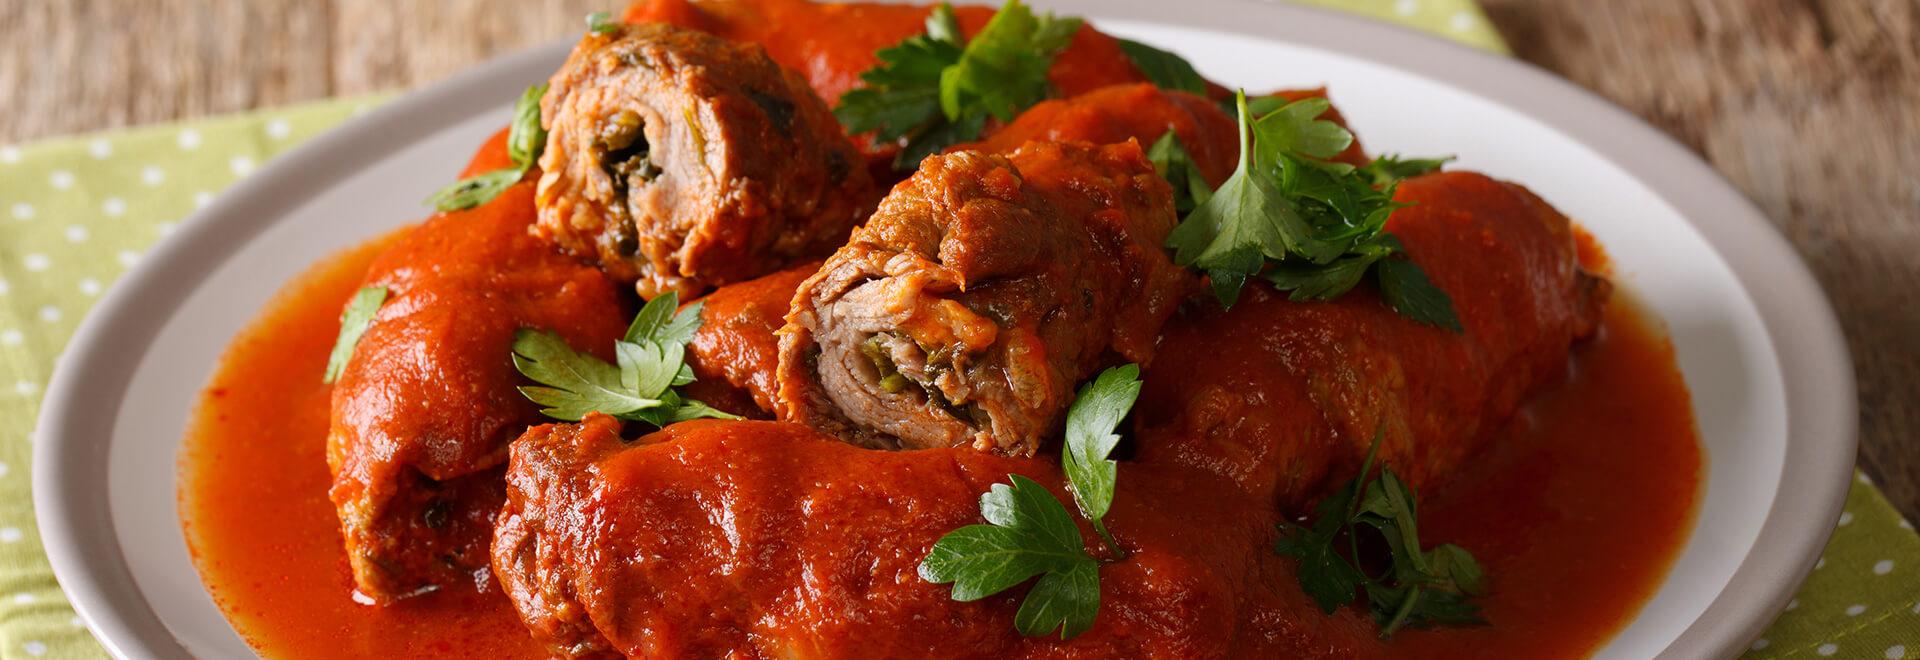 Escalopes de porco enrolados com molho de tomate